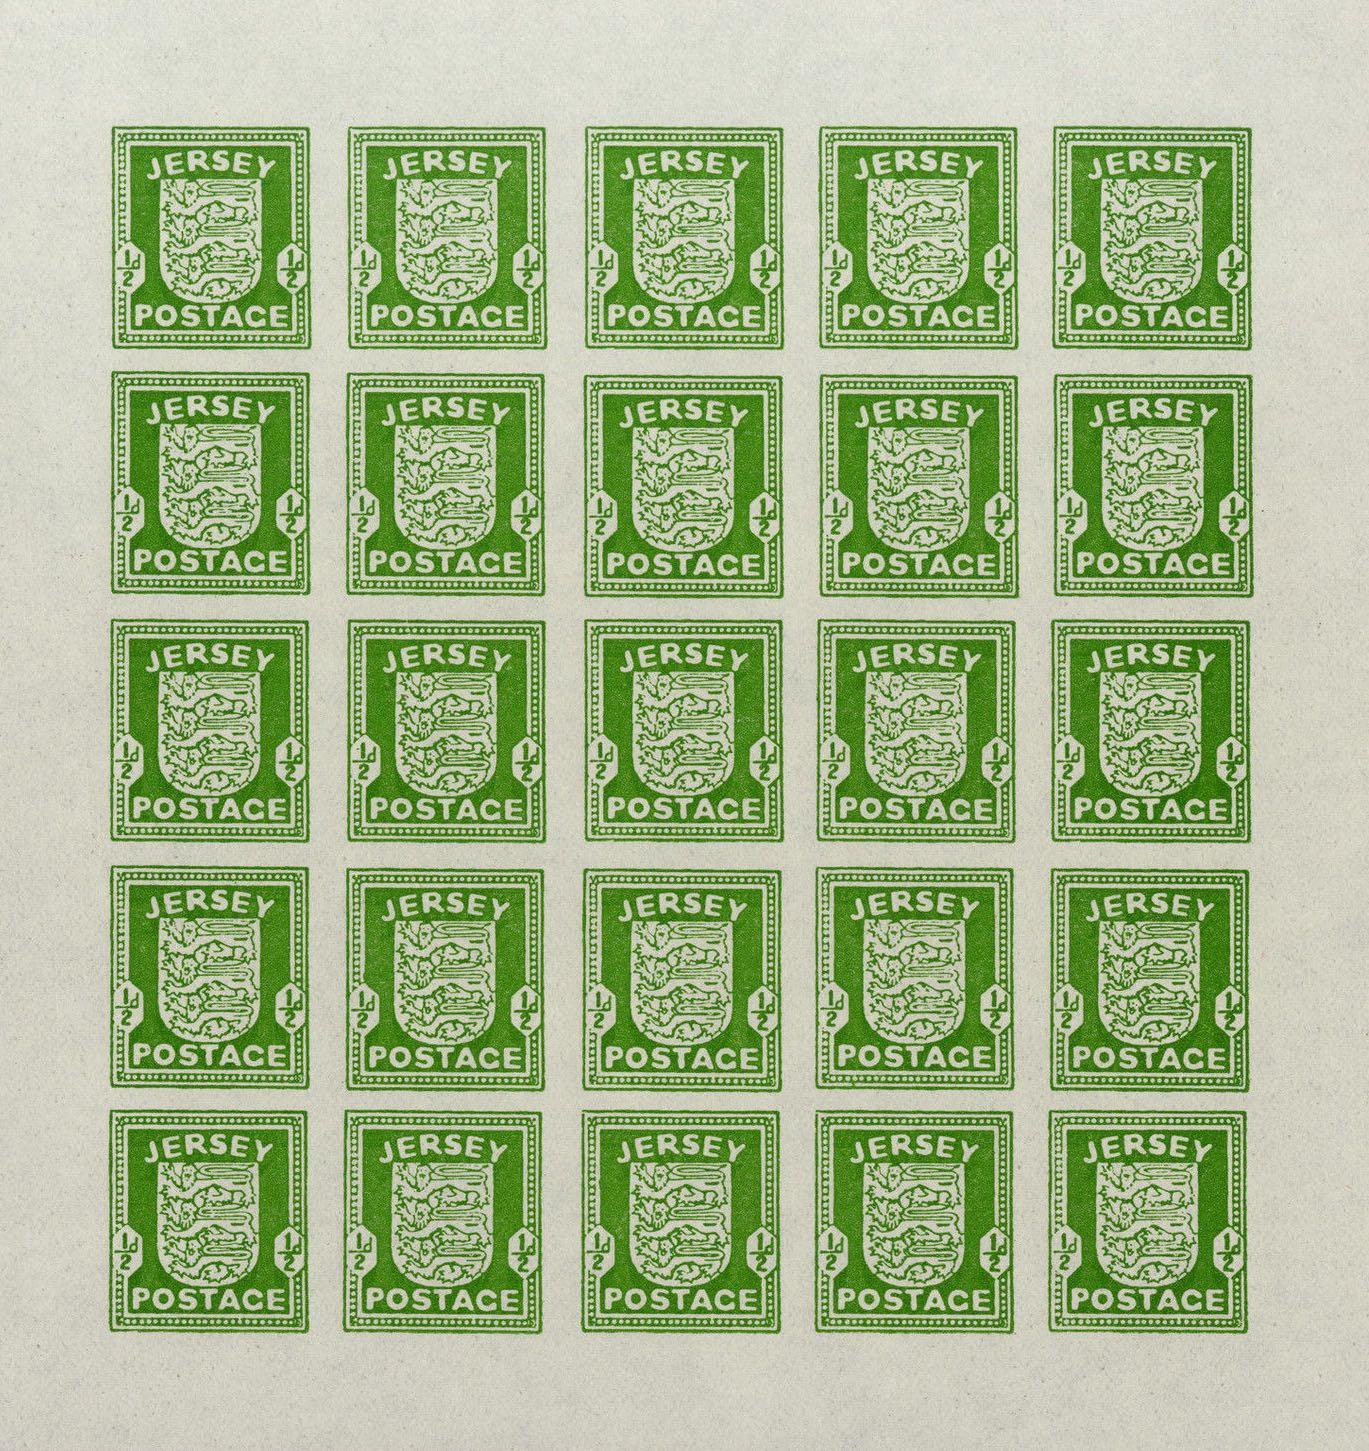 Jersey_1941_half-d_Sheet_Forgery